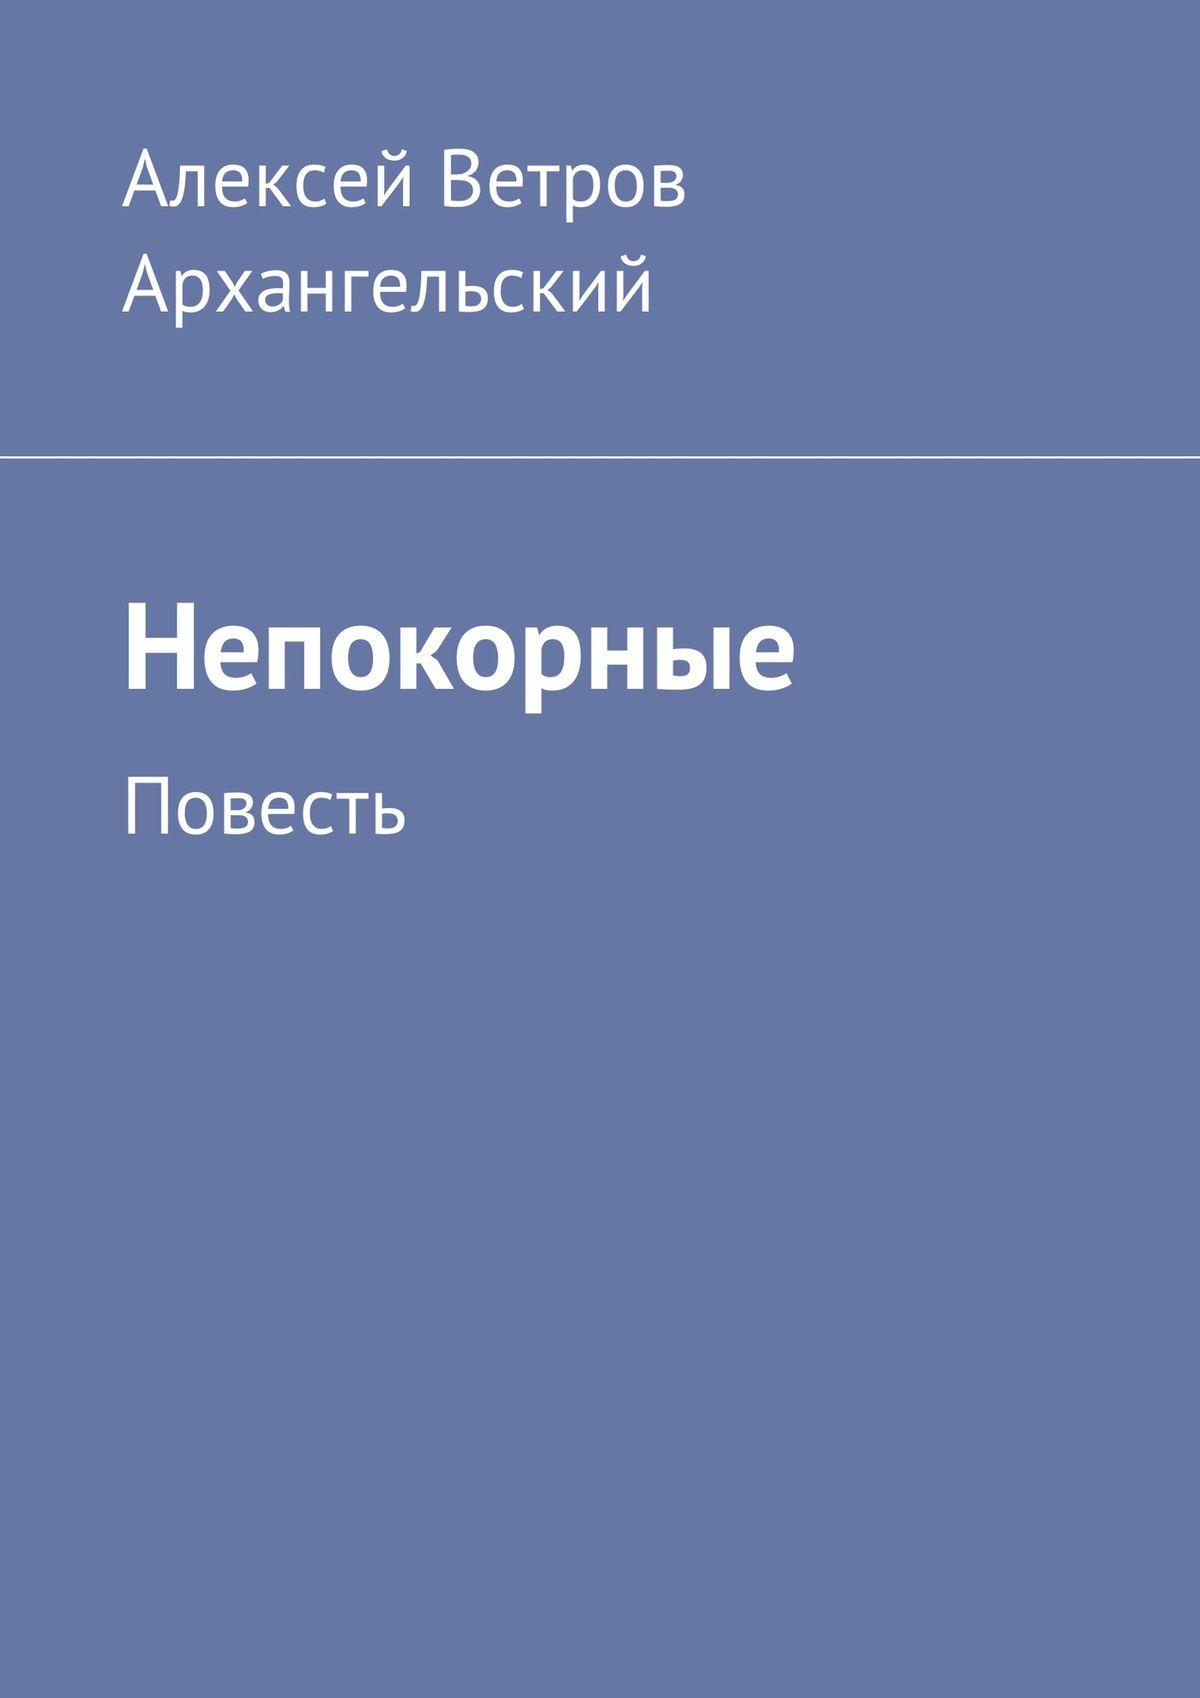 Алексей Ветров Архангельский Непокорные. Повесть цена